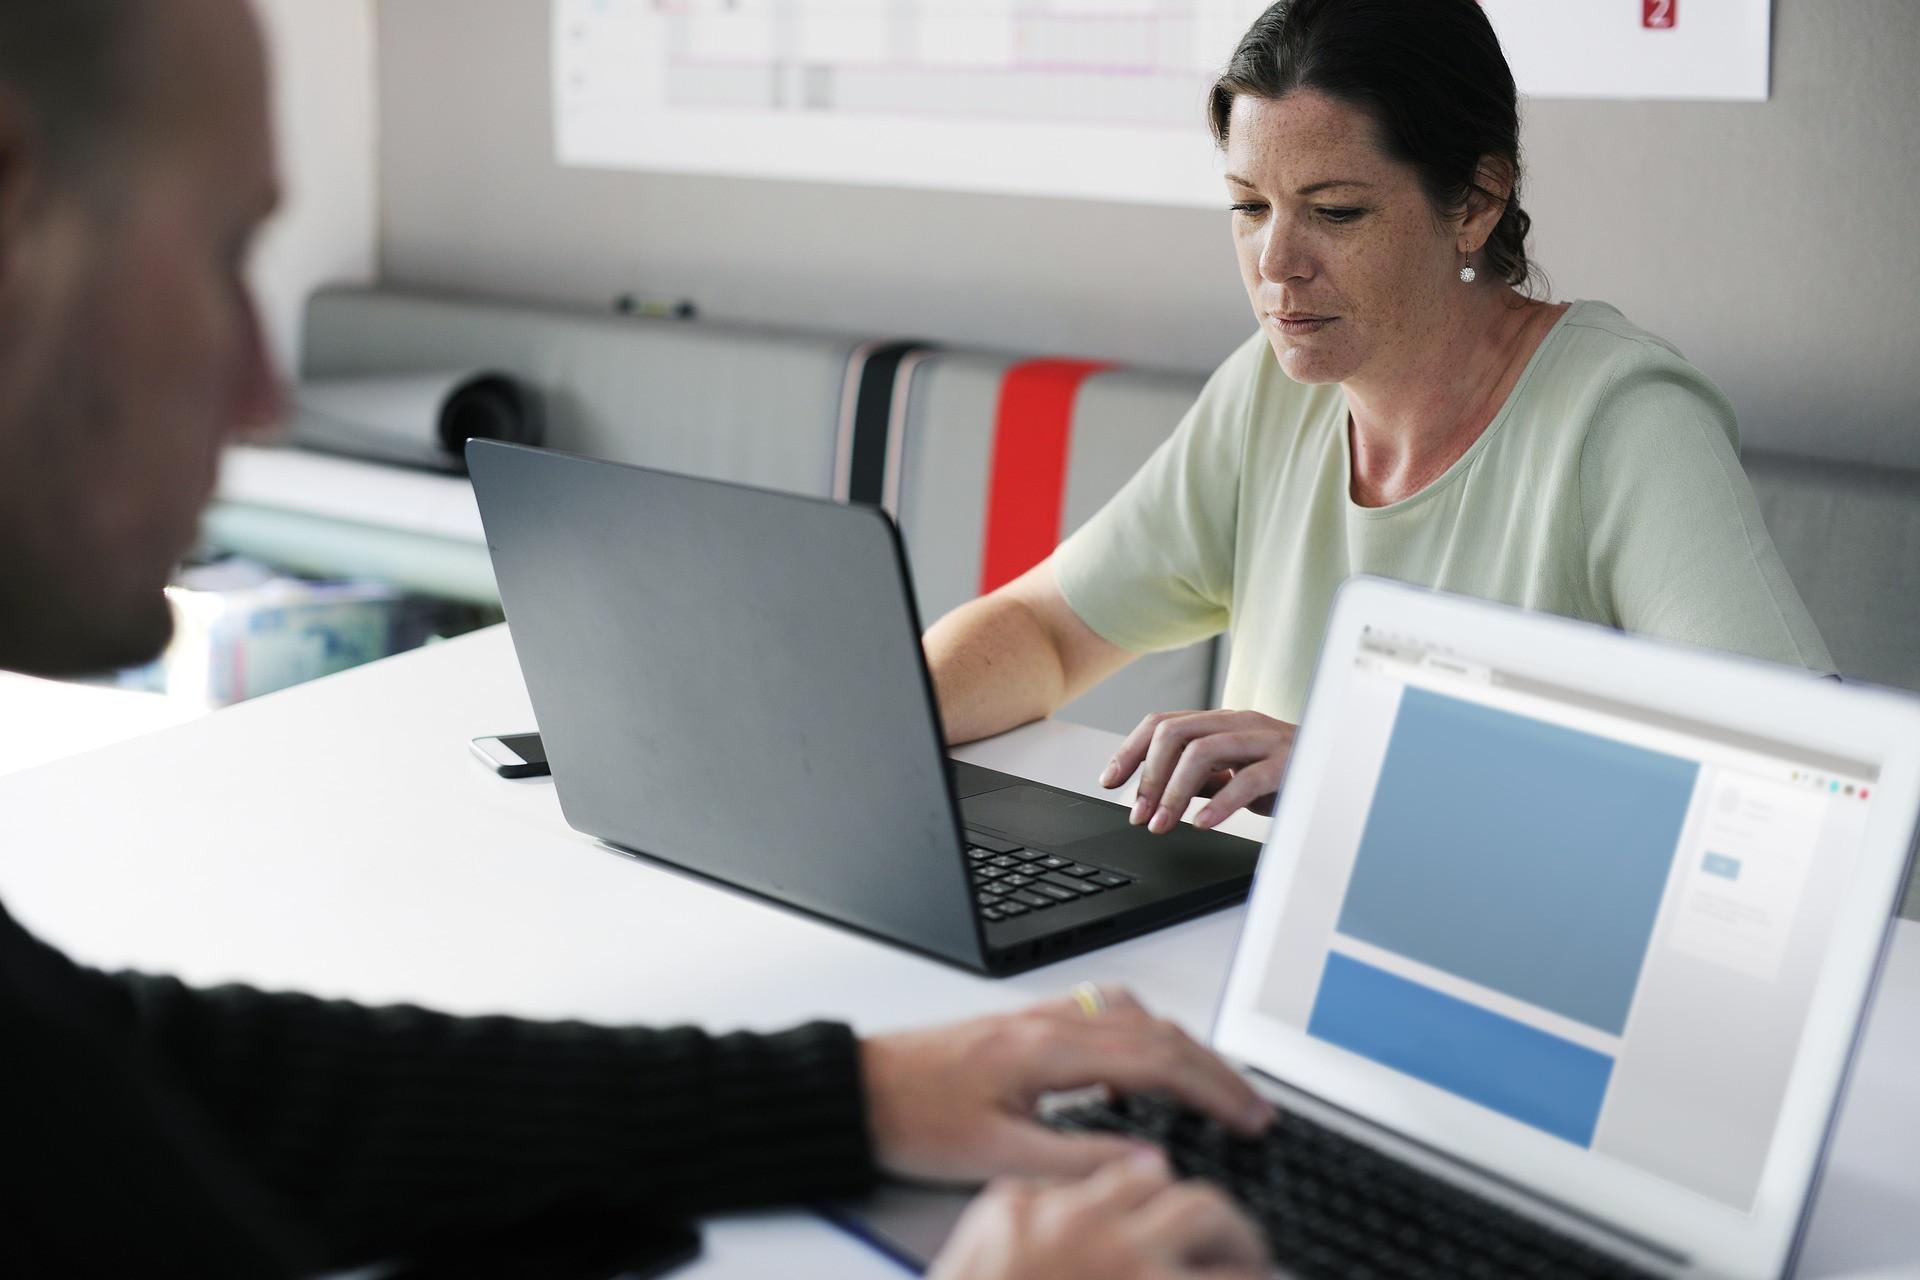 Mulheres e homens ganham o mesmo salário em apenas 25% das profissões